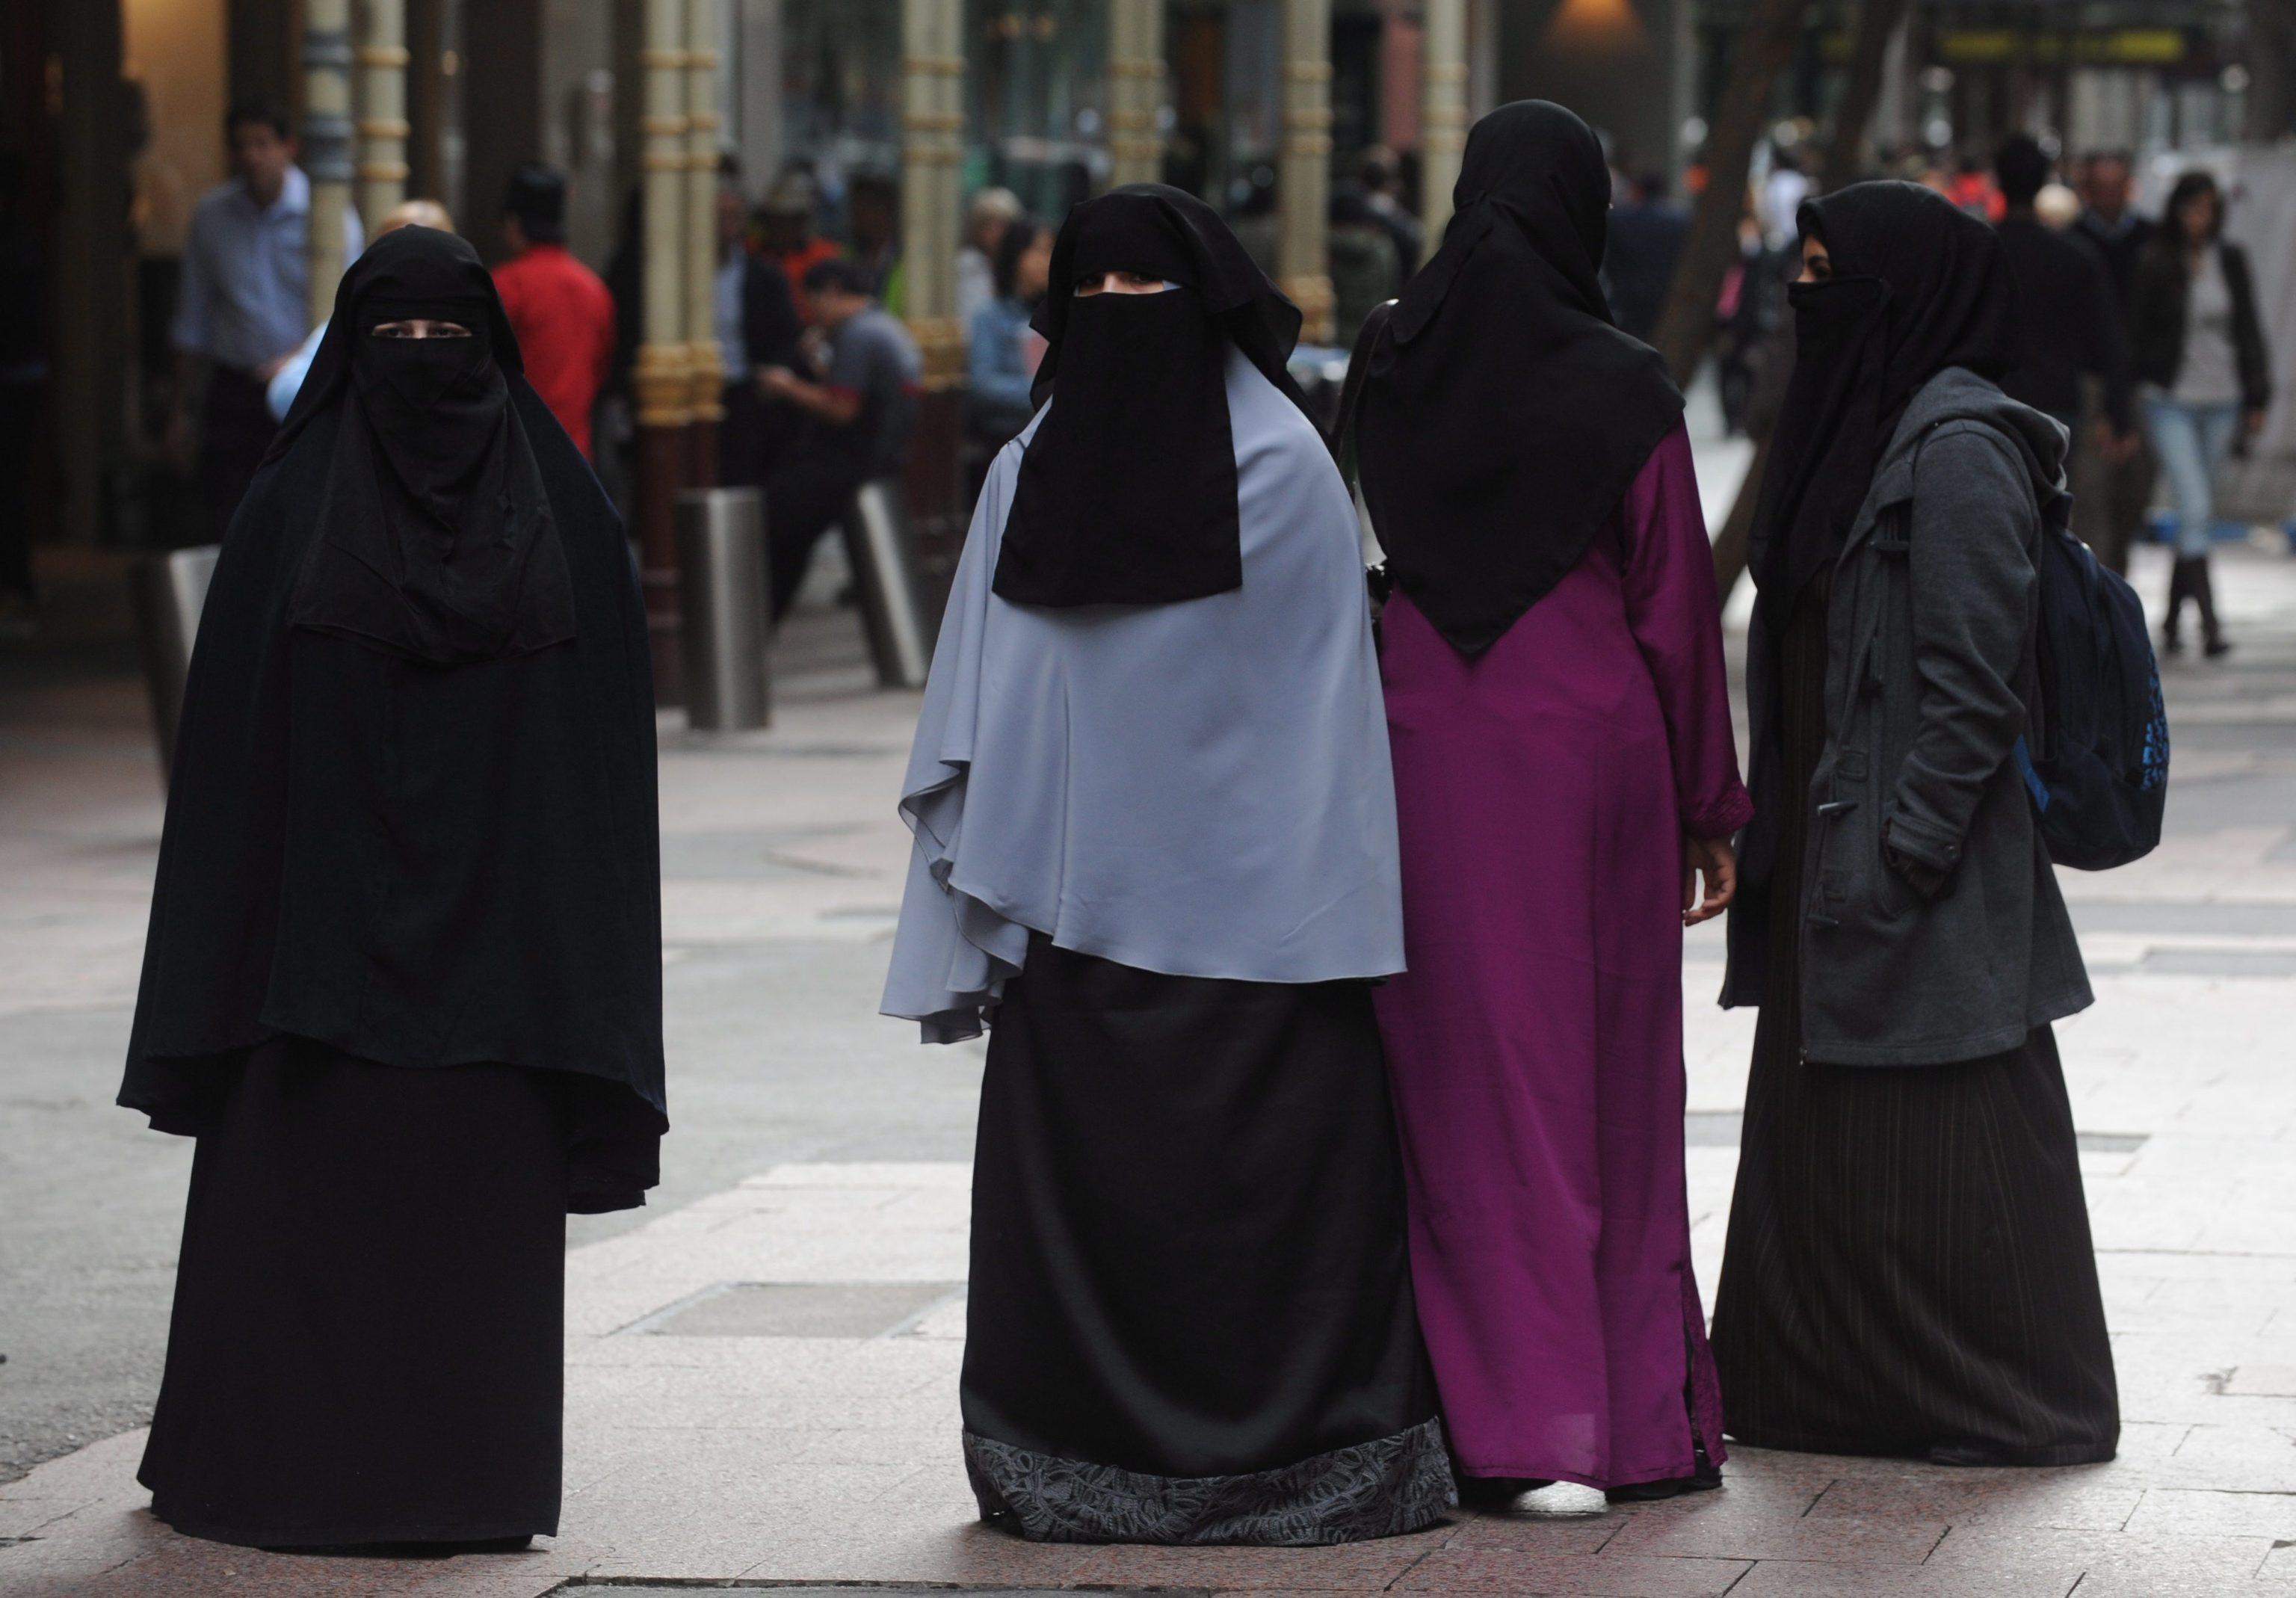 Londra, è tornata a casa la bimba cristiana di 5 anni affidata a famiglie musulmane